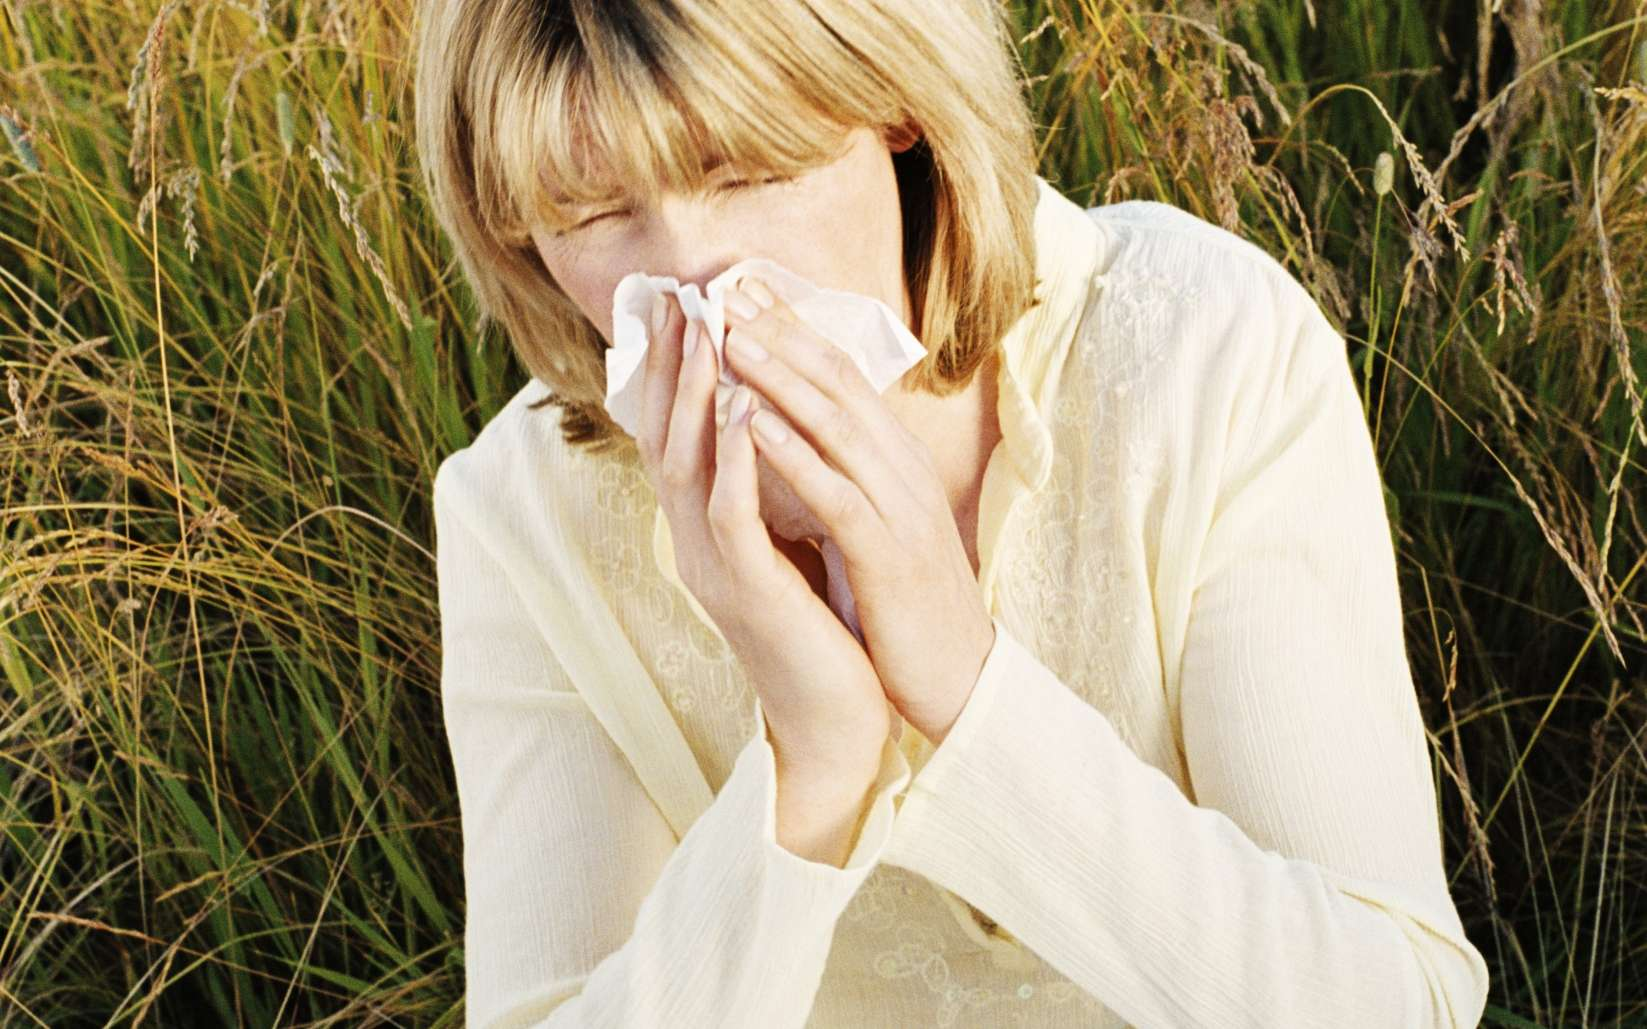 Les antihistaminiques, un médicament qui permet de lutter contre les allergies. © Phovoir